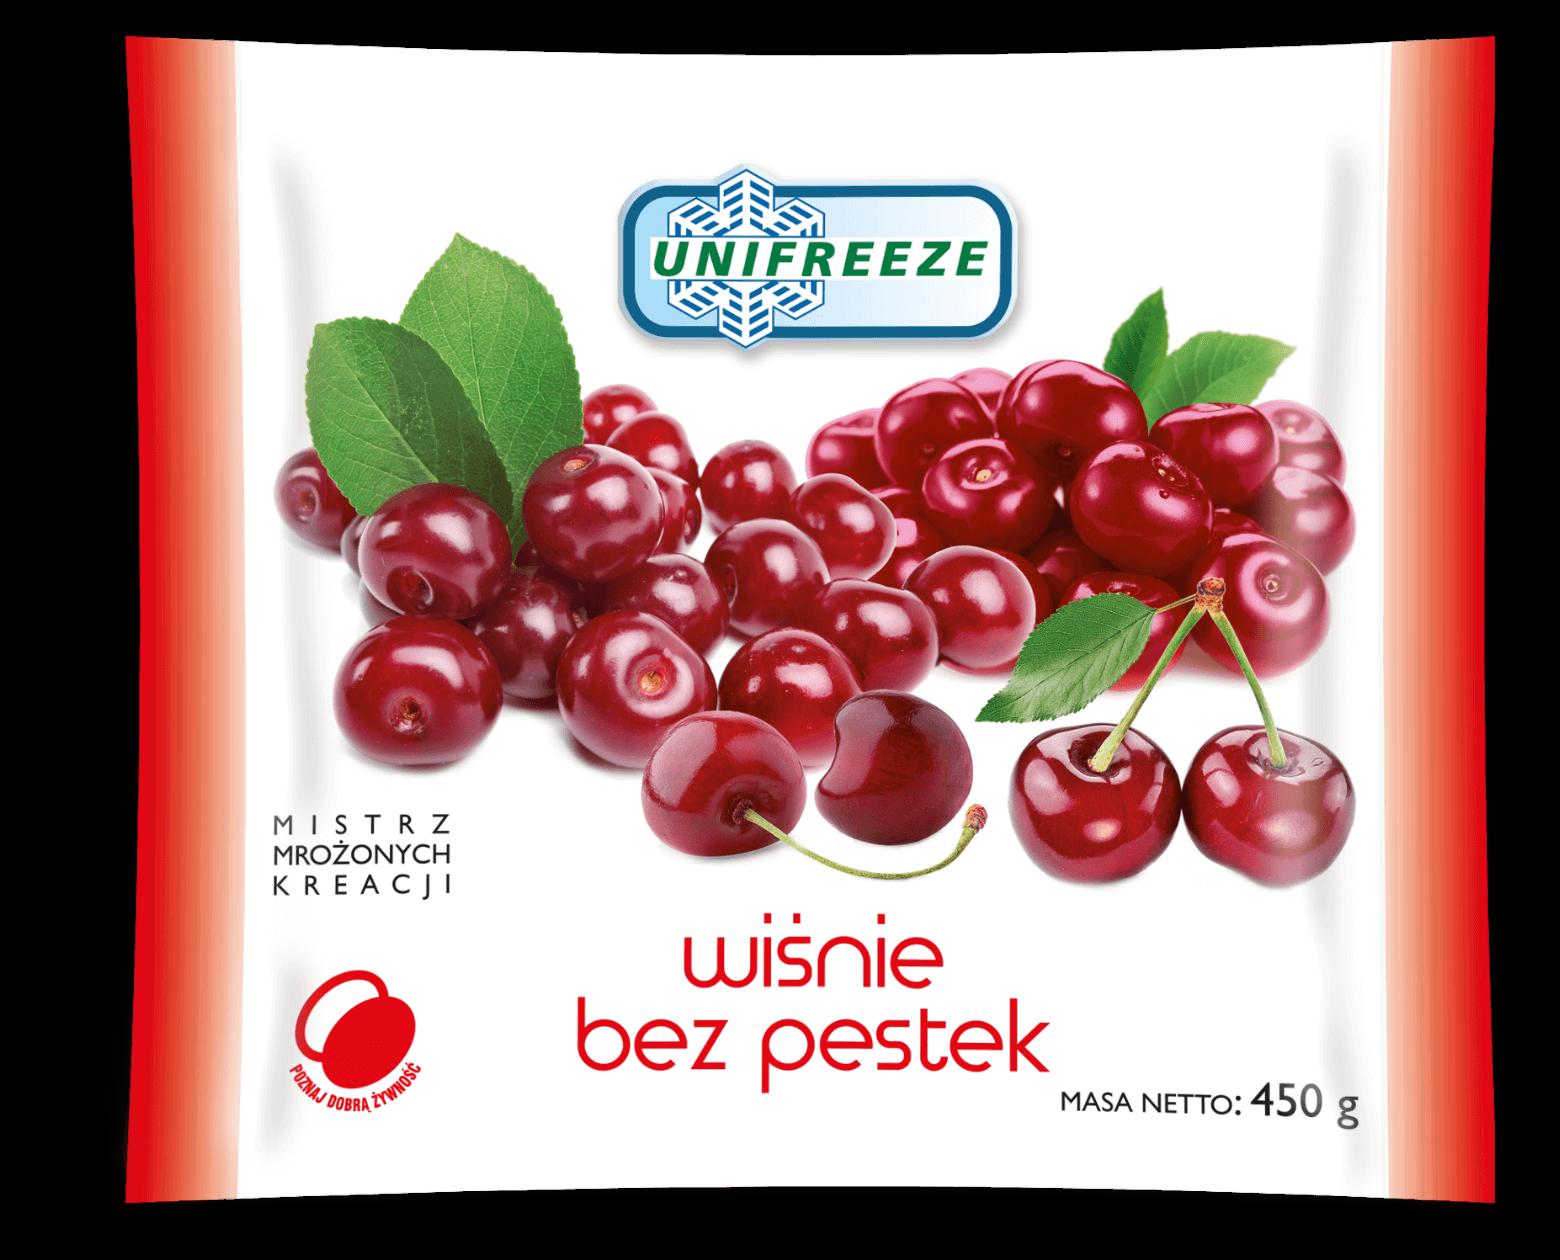 Wiśnie bez pestek mrożone 450 g - Unifreeze